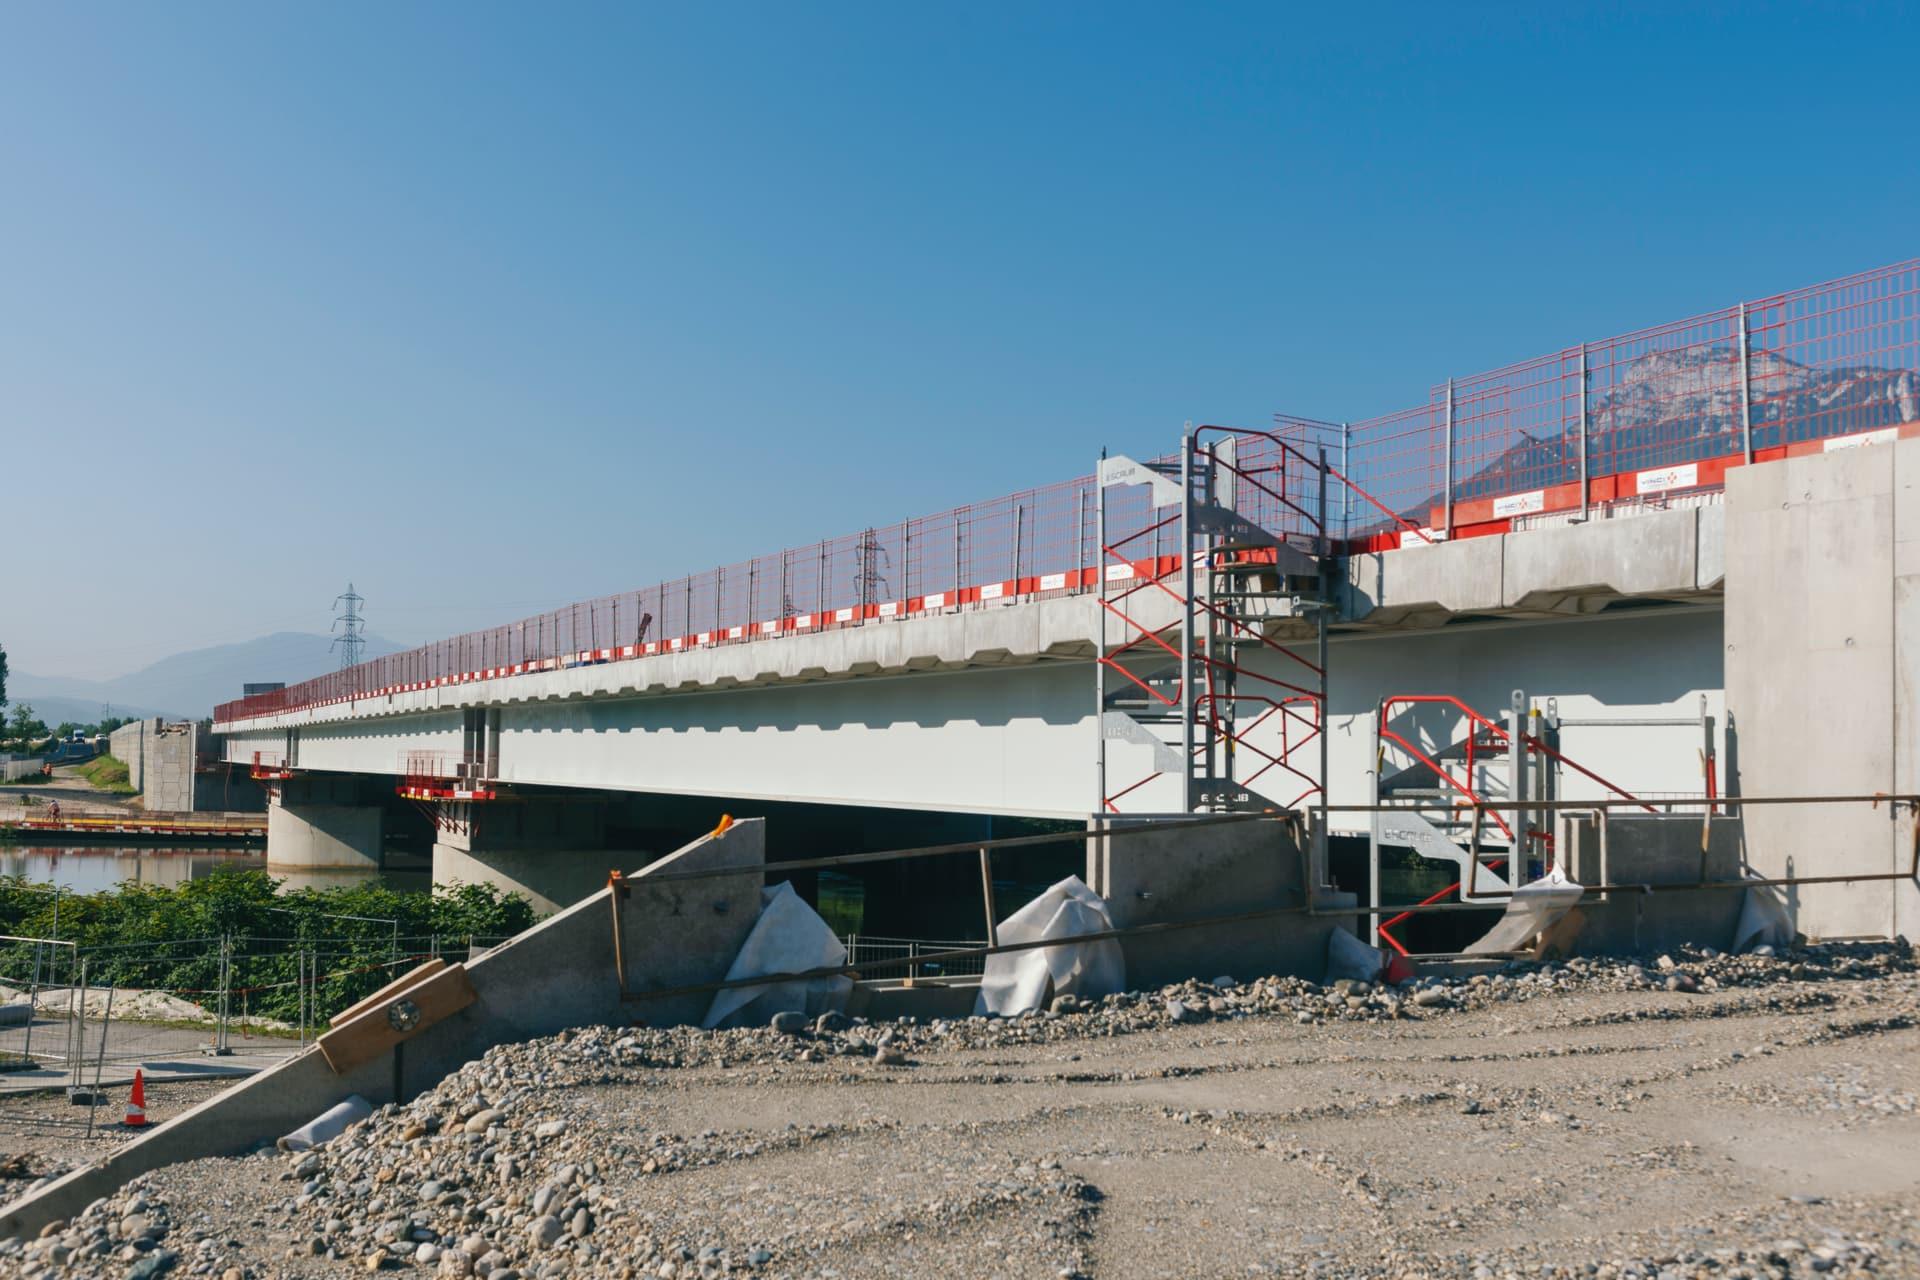 Viaduc de l'Isère sur l'autoroute A480 dans l'agglomération de Grenoble